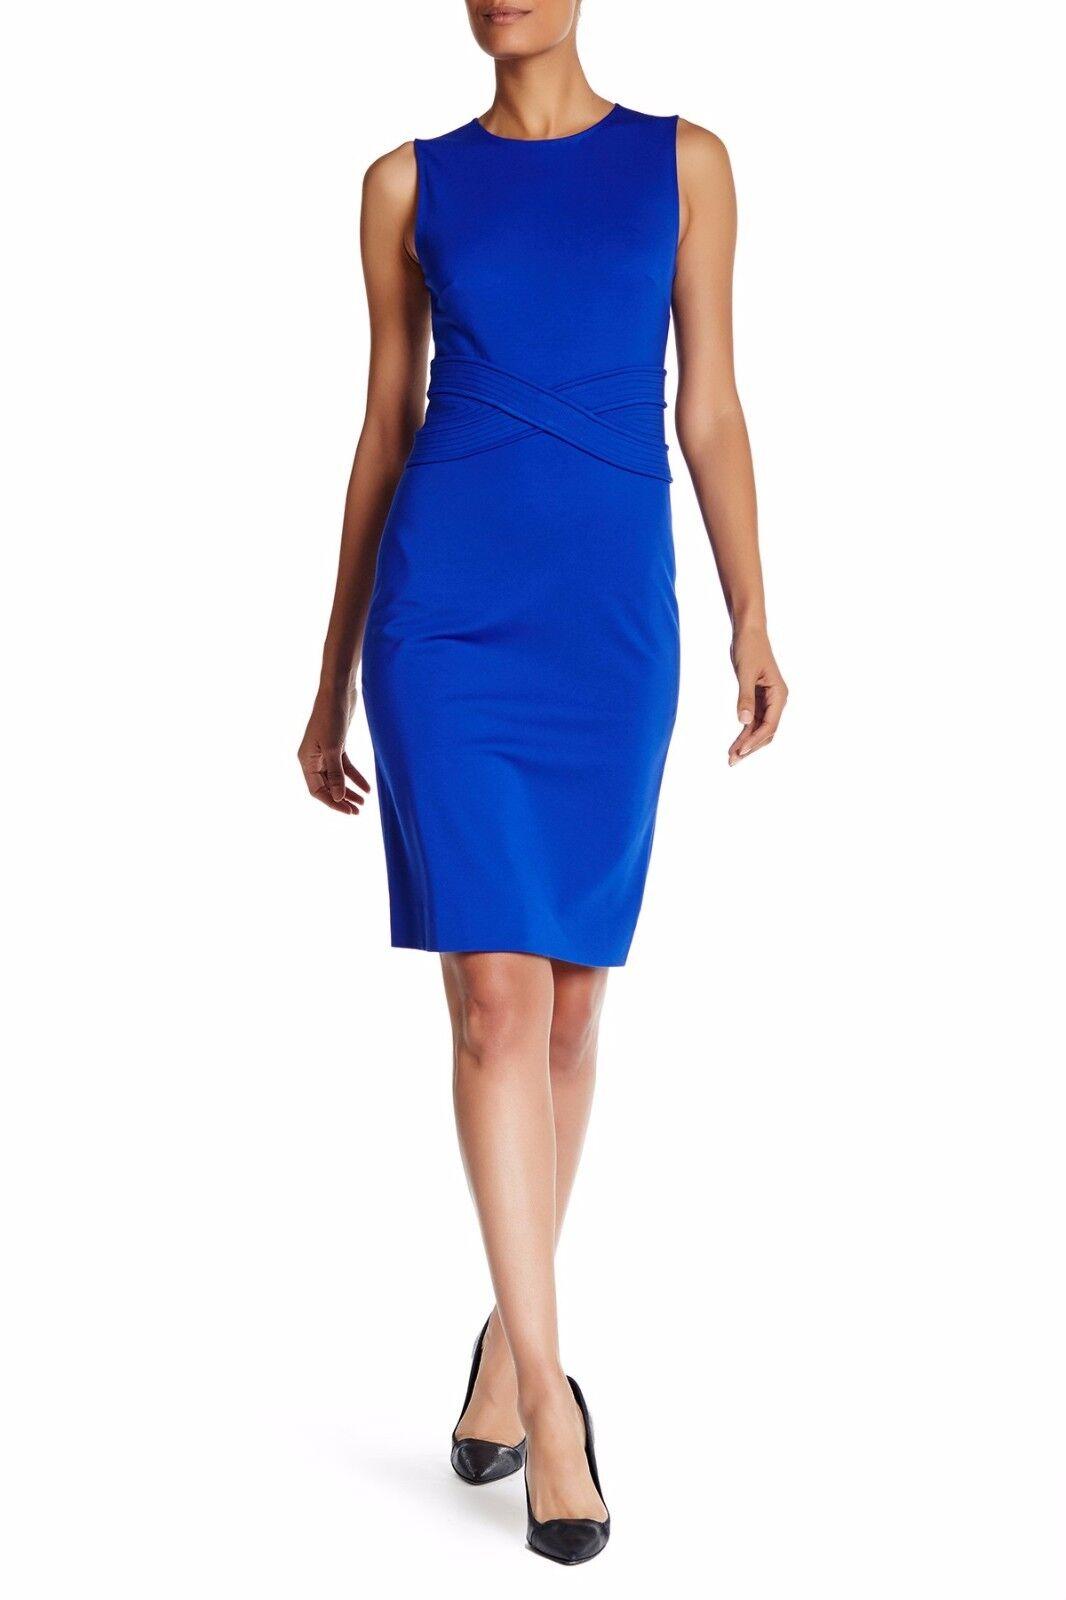 Diane von Furstenberg DVF Evita Sleeveless Sheath Dress Cobalt bluee Size 12